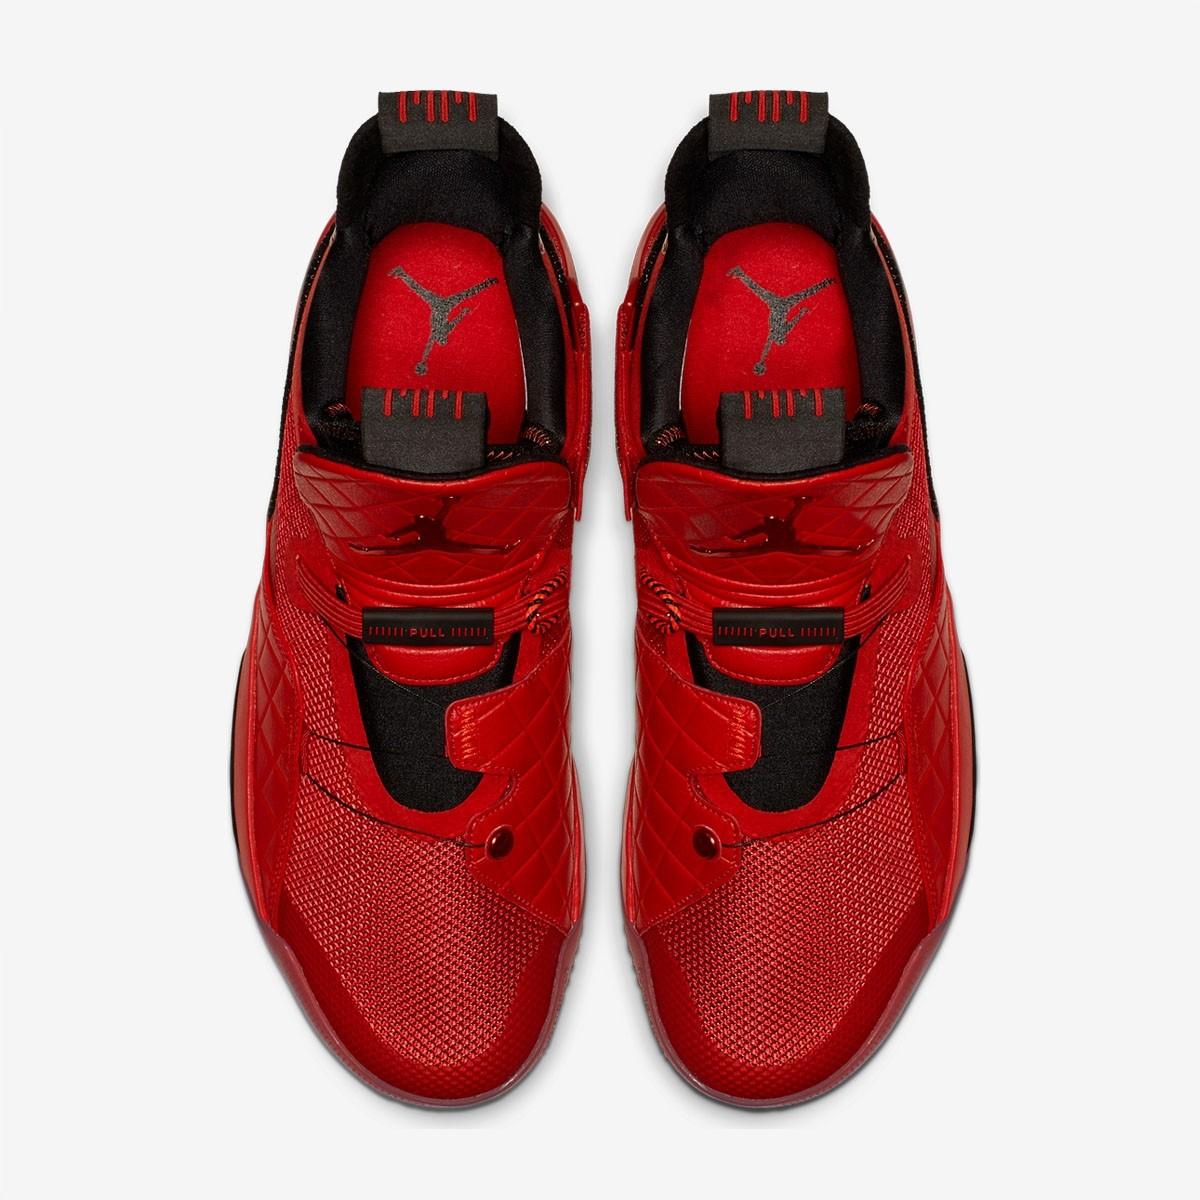 low priced d1bd4 97823 Air Jordan XXXIII  Last Dance  AQ8830-600